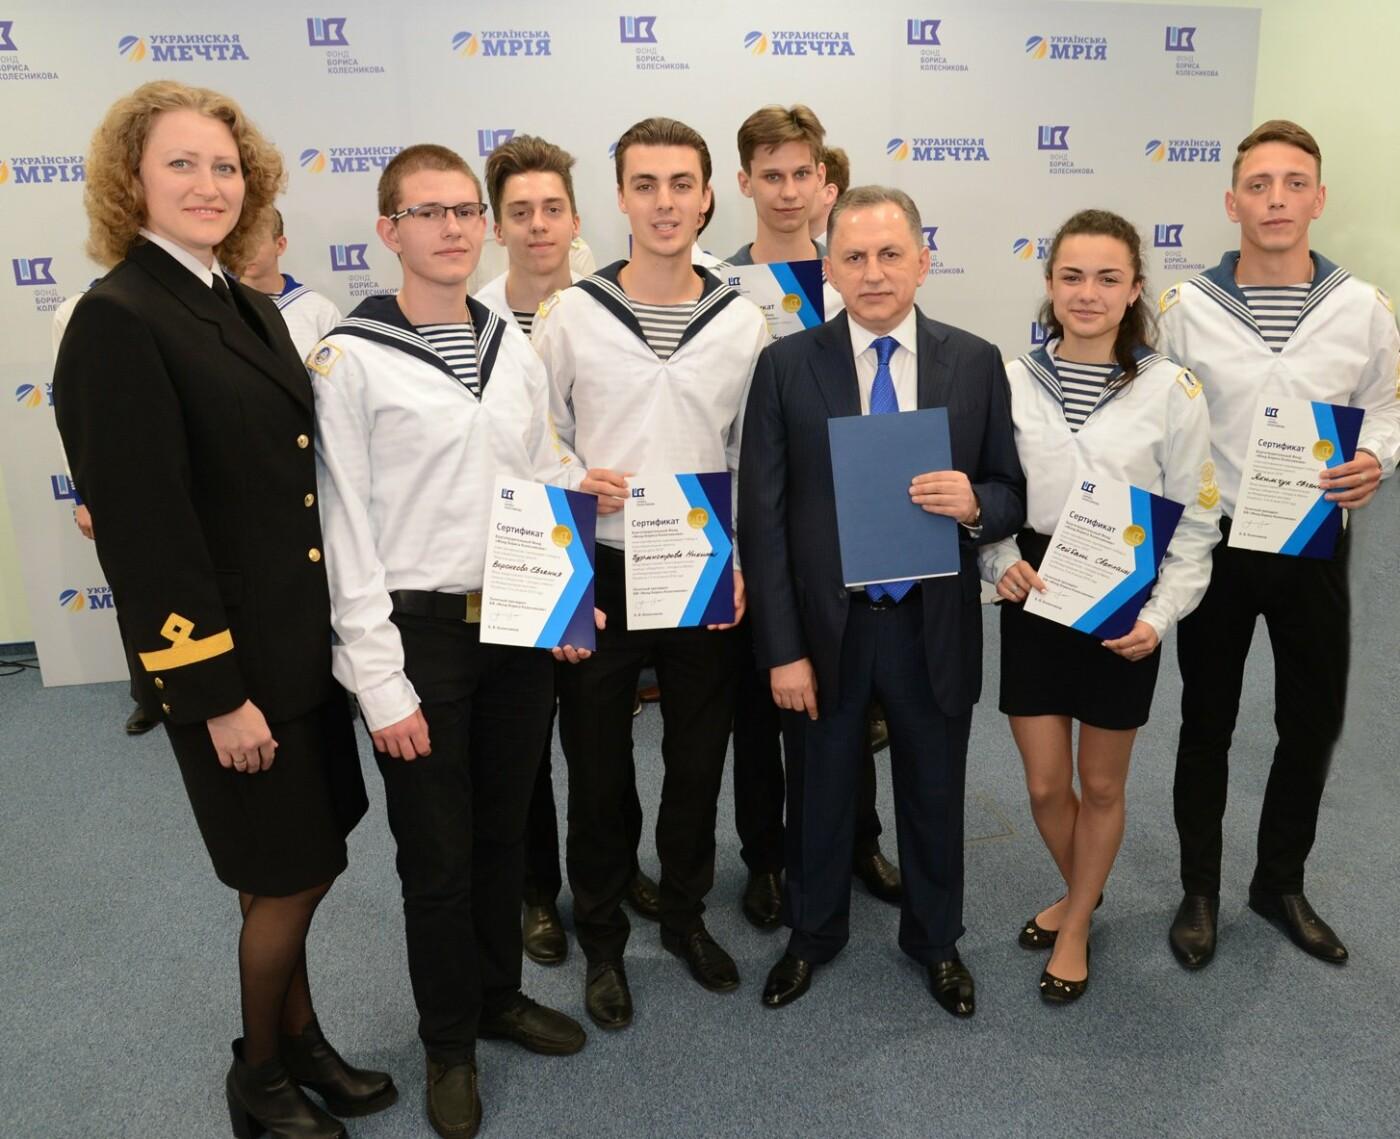 Юные моряки Николаева выиграли в престижном конкурсе и летят в Афины, фото-2